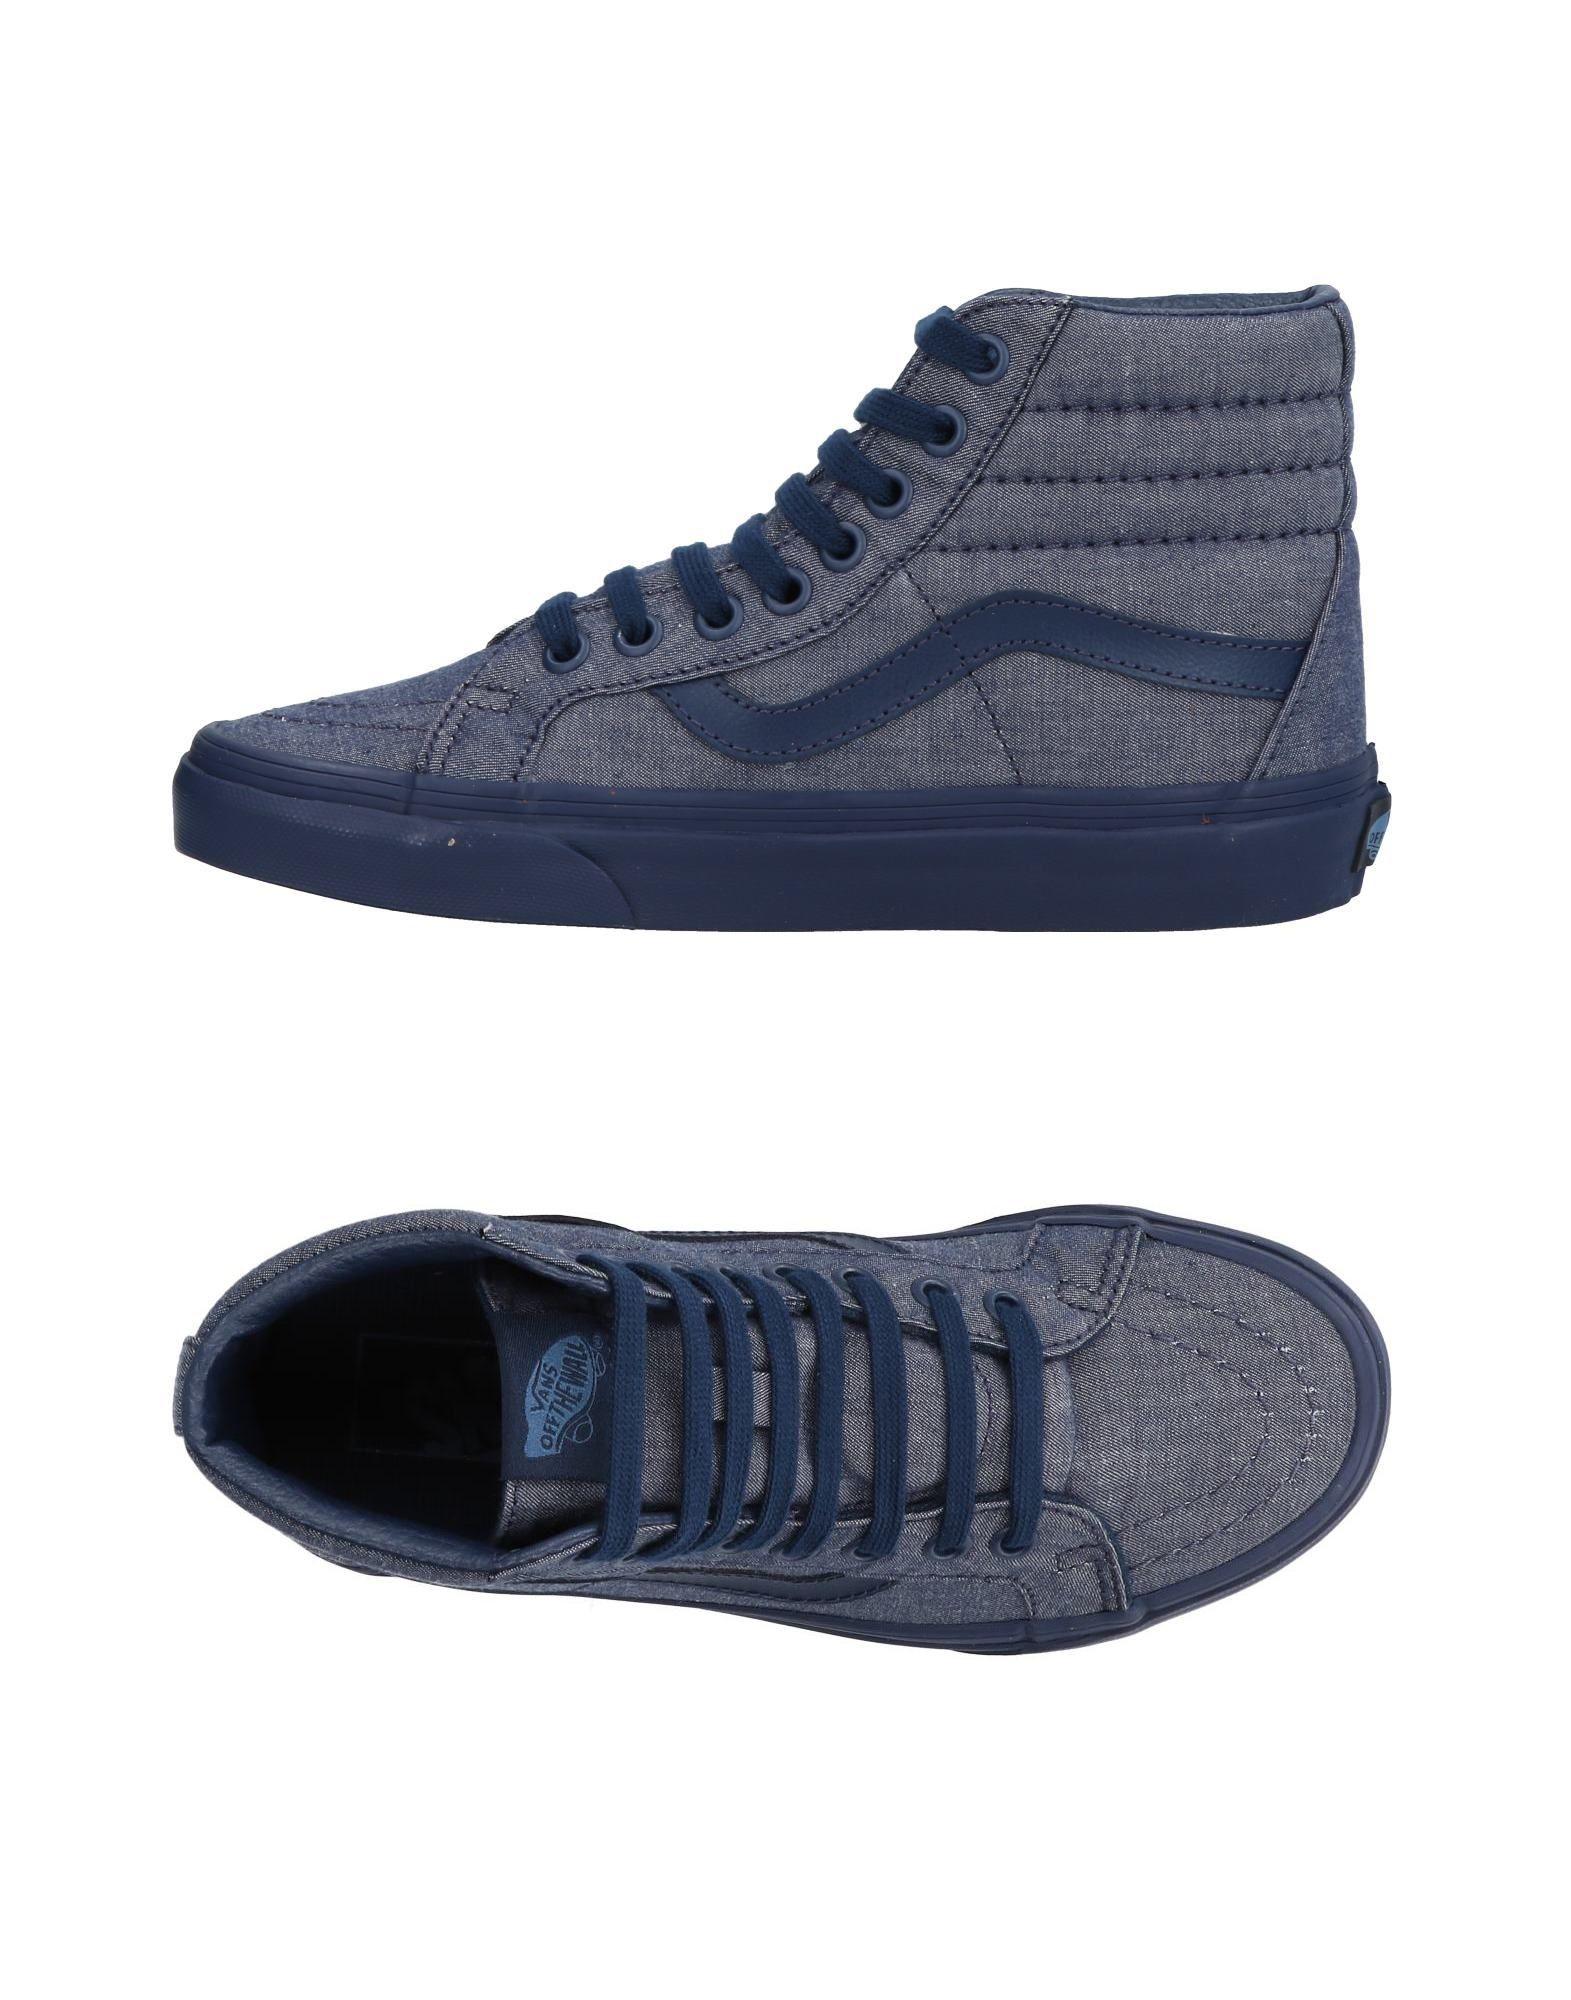 Vans Sneakers Damen Gutes Preis-Leistungs-Verhältnis, es lohnt sich 9122